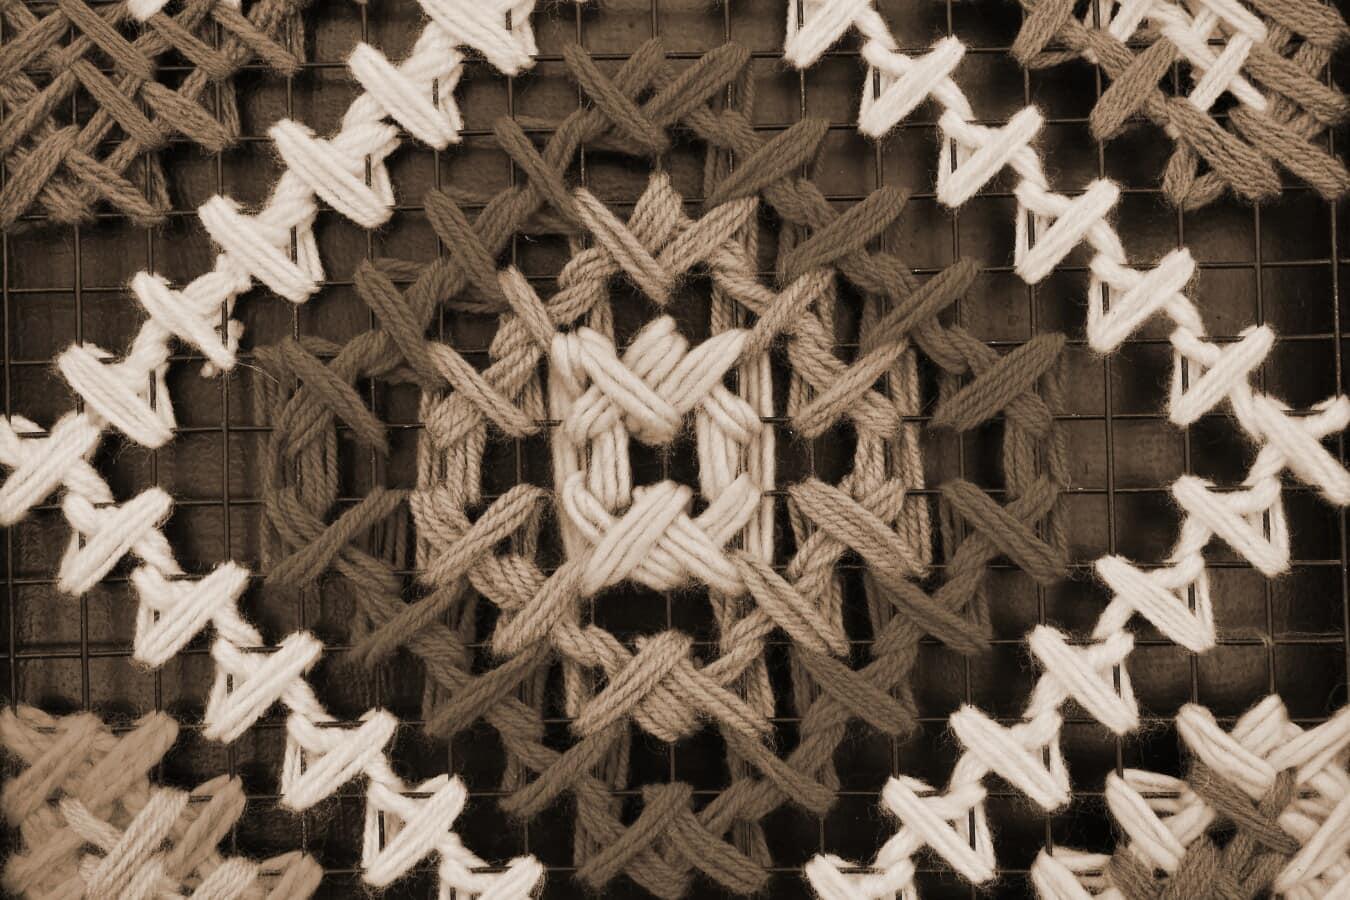 laine, grille, conception, thread, Metal, nœud, tradition, sépia, monochrome, texture